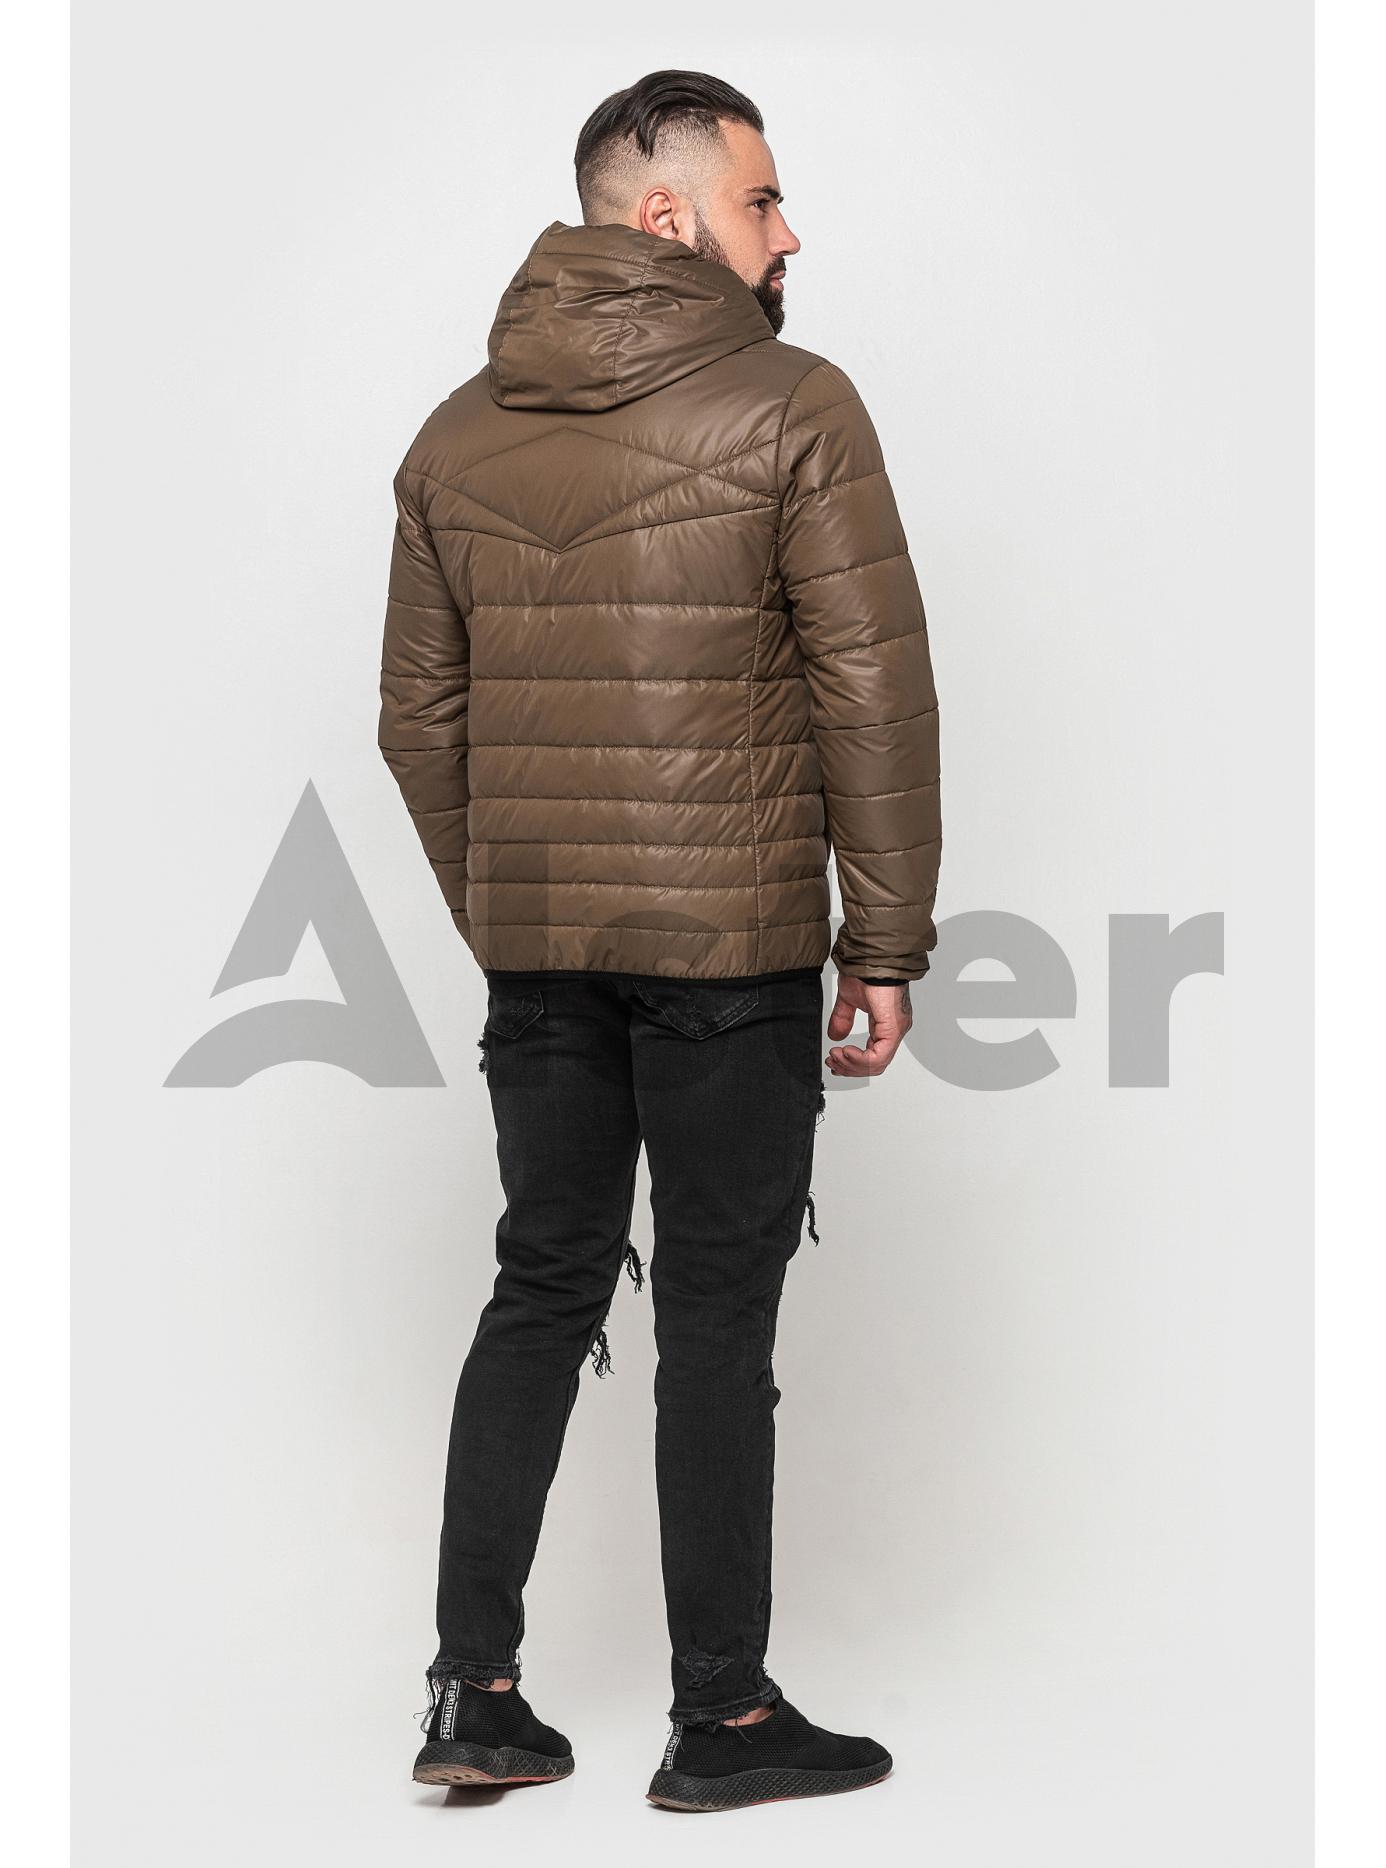 Куртка чоловіча з капюшоном Світло-коричневий 56 (02-MT21063): фото - Alster.ua